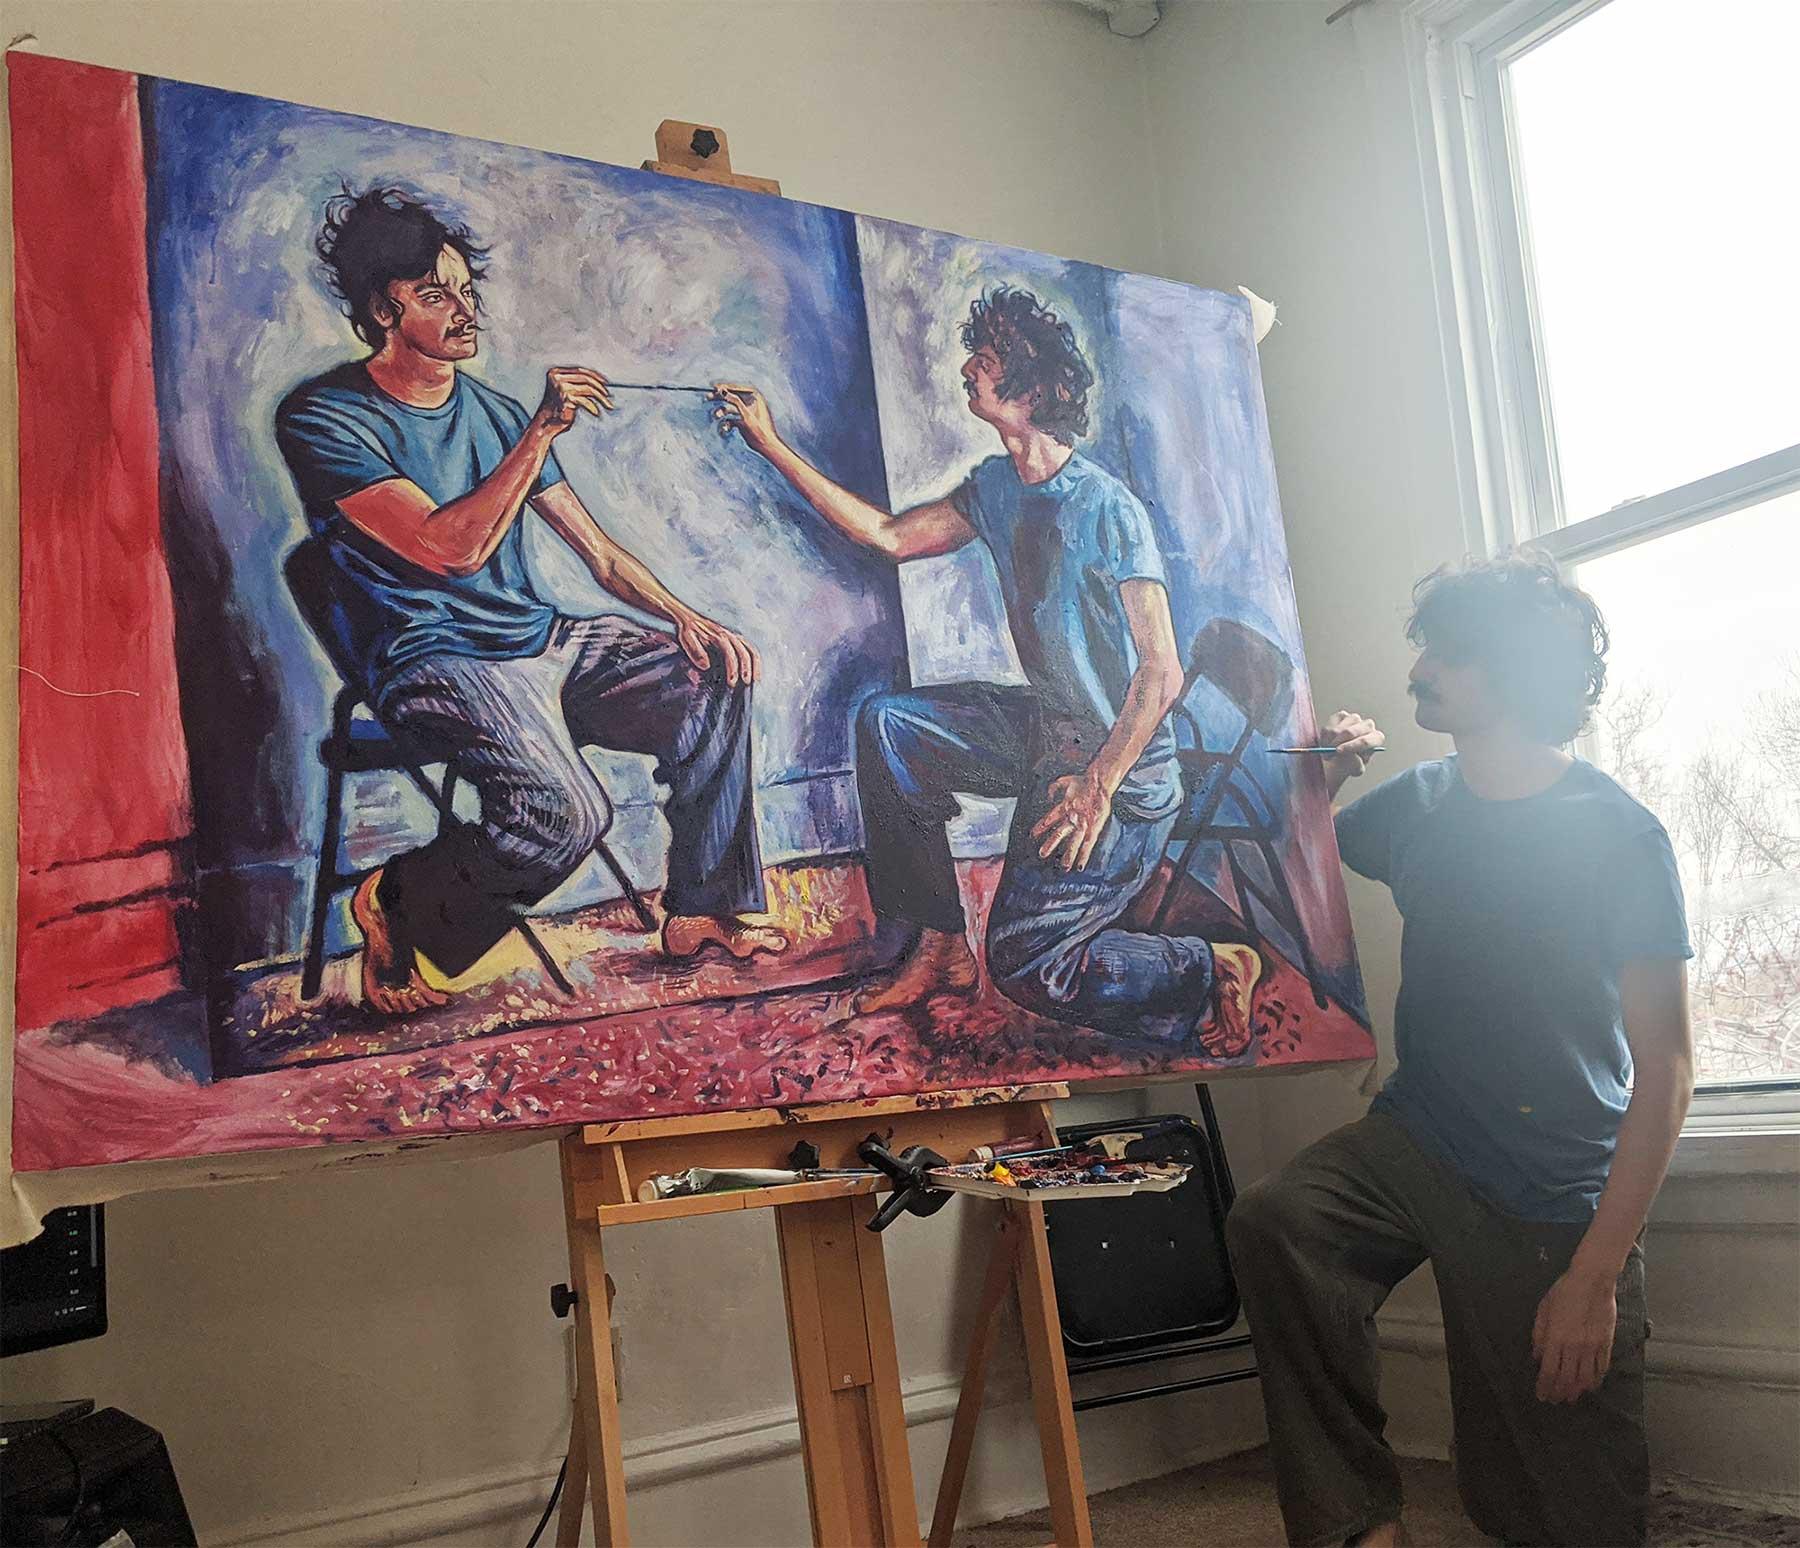 Seamus Wray malt sich, wie er sich malt, wie er sich malt, wie ... Seamus-Wray-self-portrait-meta-levels_03